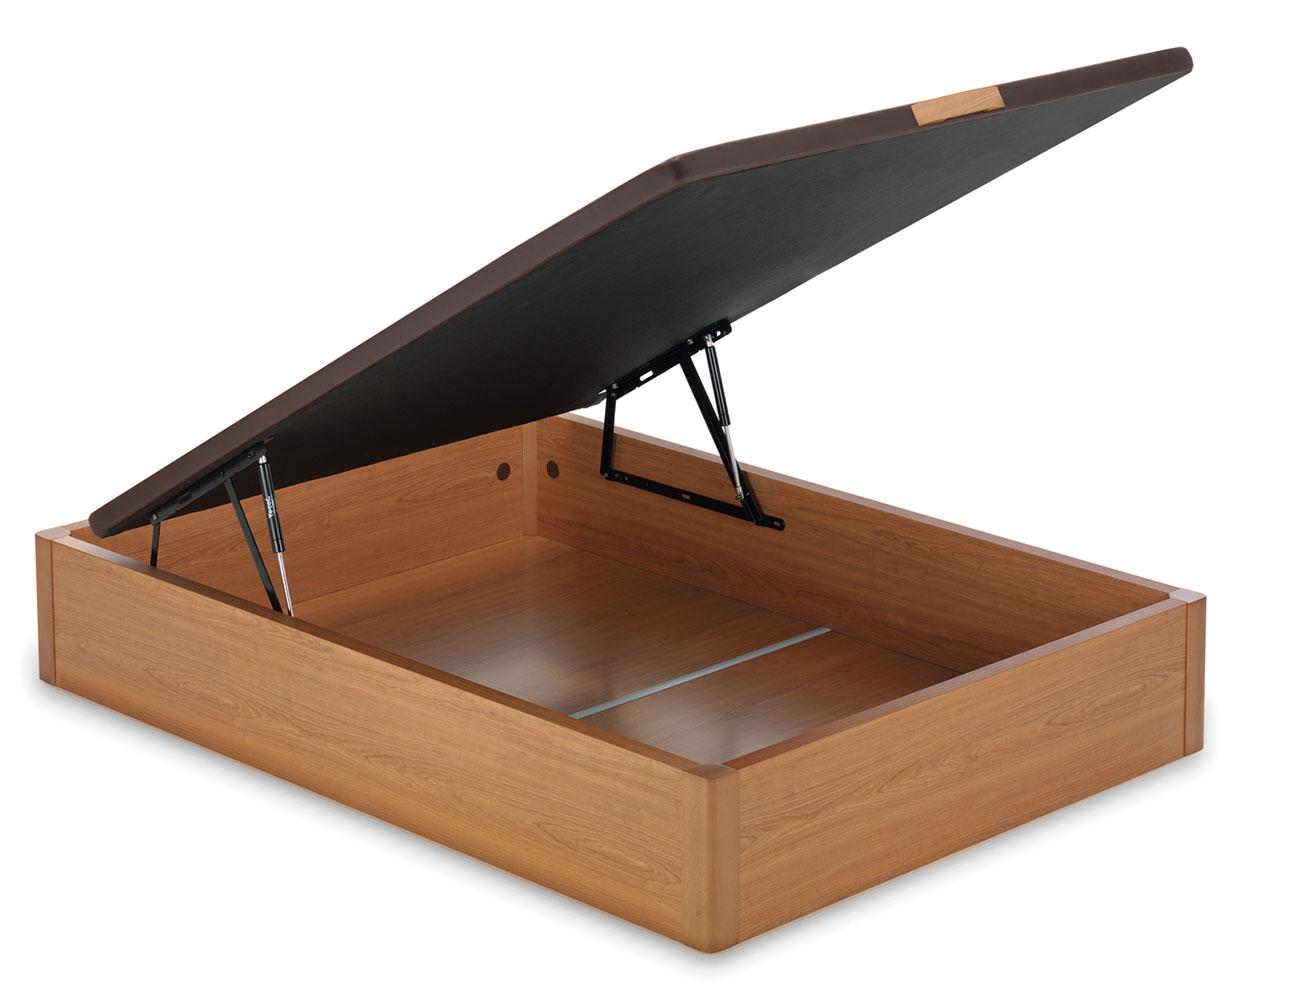 Canape madera 5 cm grosor gran calidad abierto5